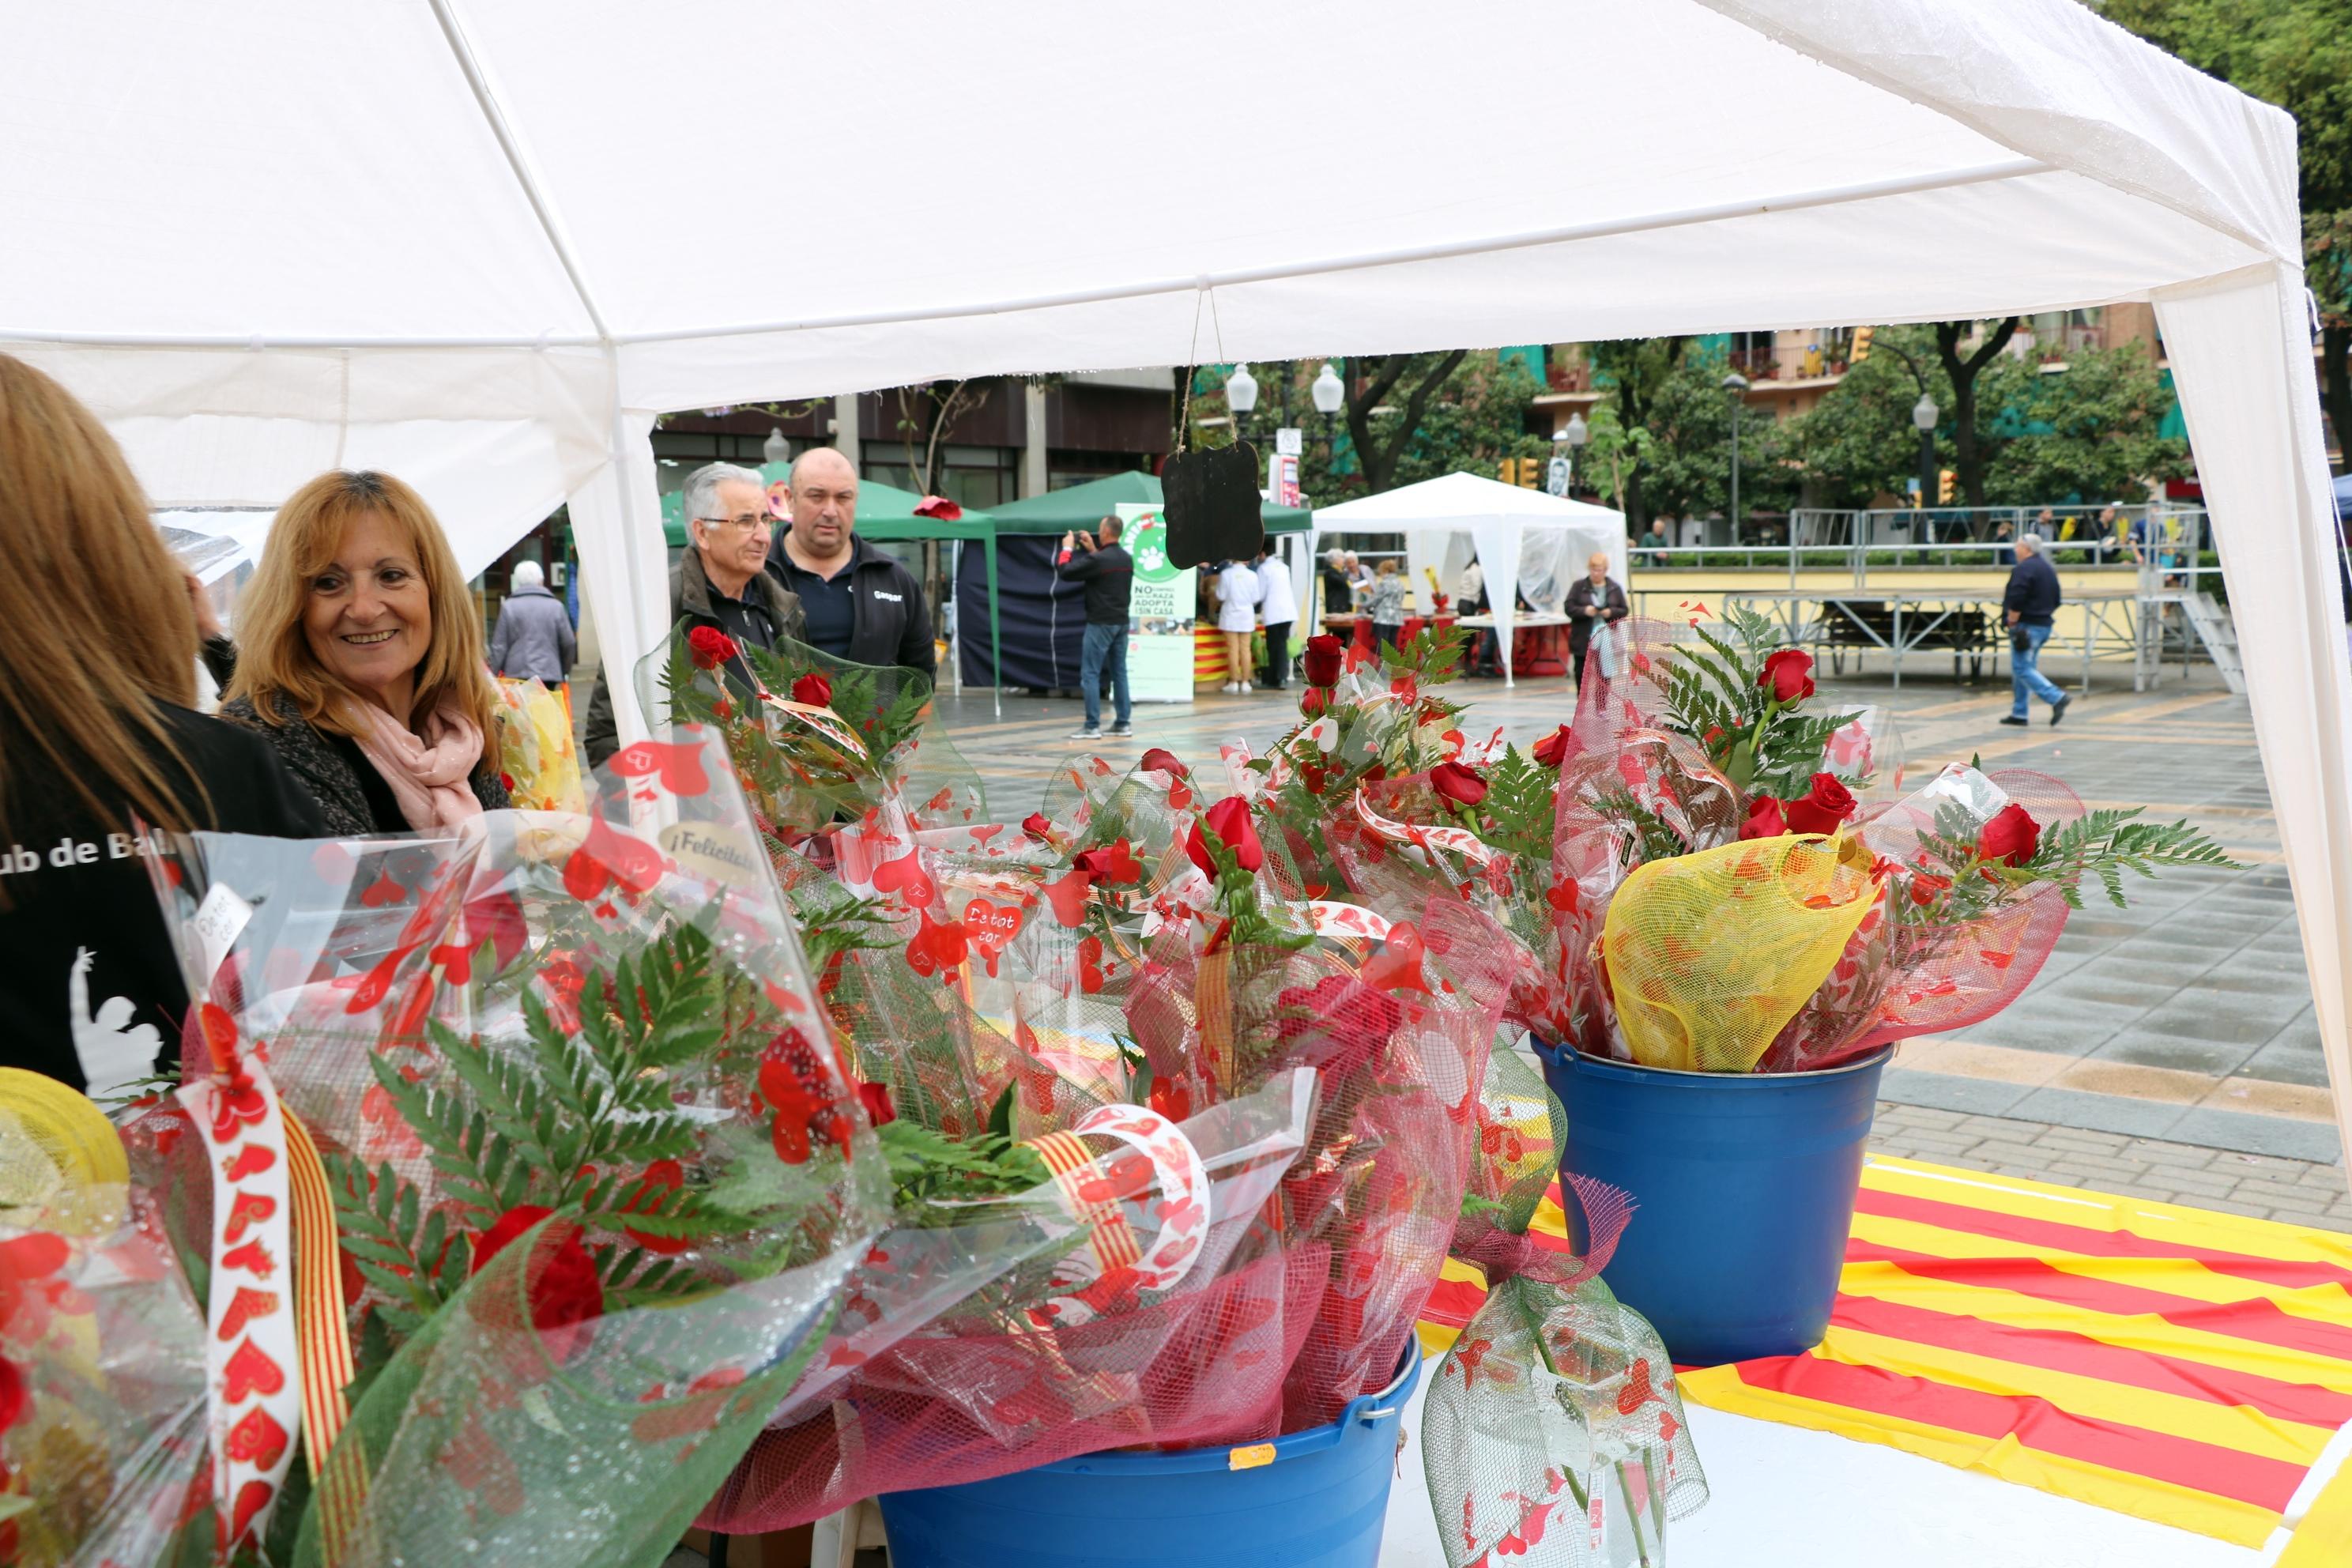 La Llagosta celebra Sant Jordi amb parades a la plaça d'Antoni Baqué